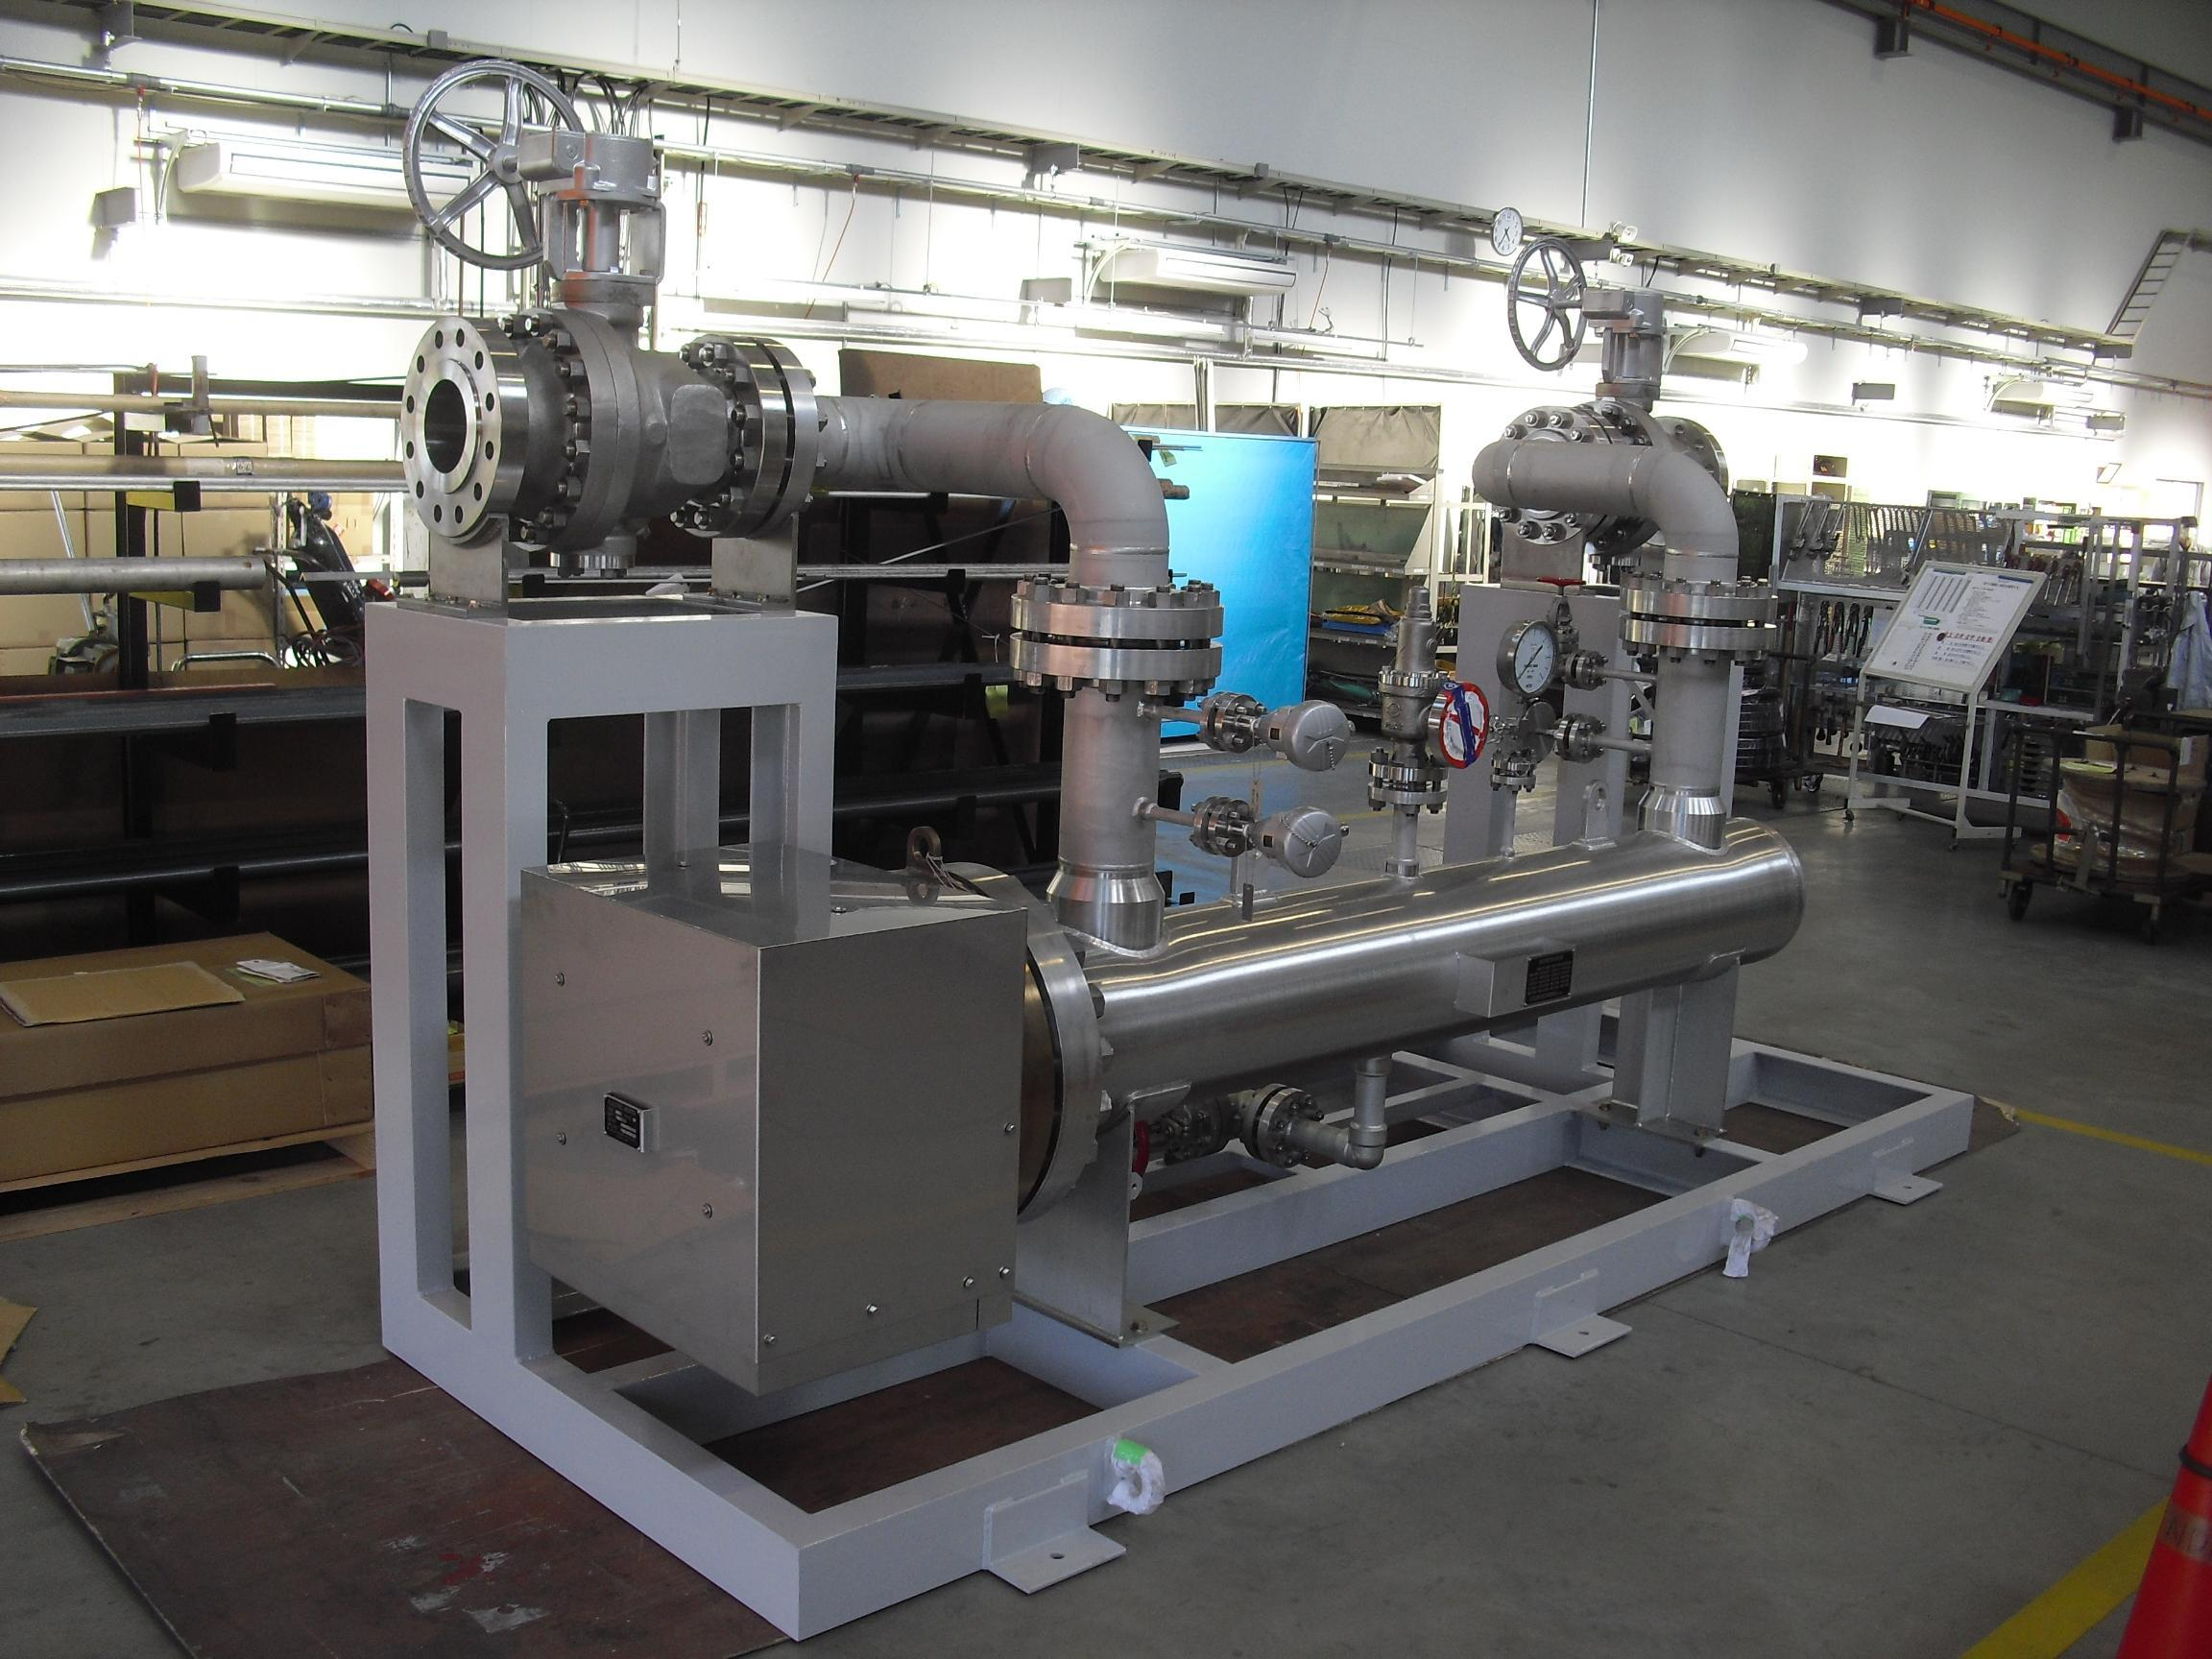 大型熱媒循環温調装置(防爆対応)